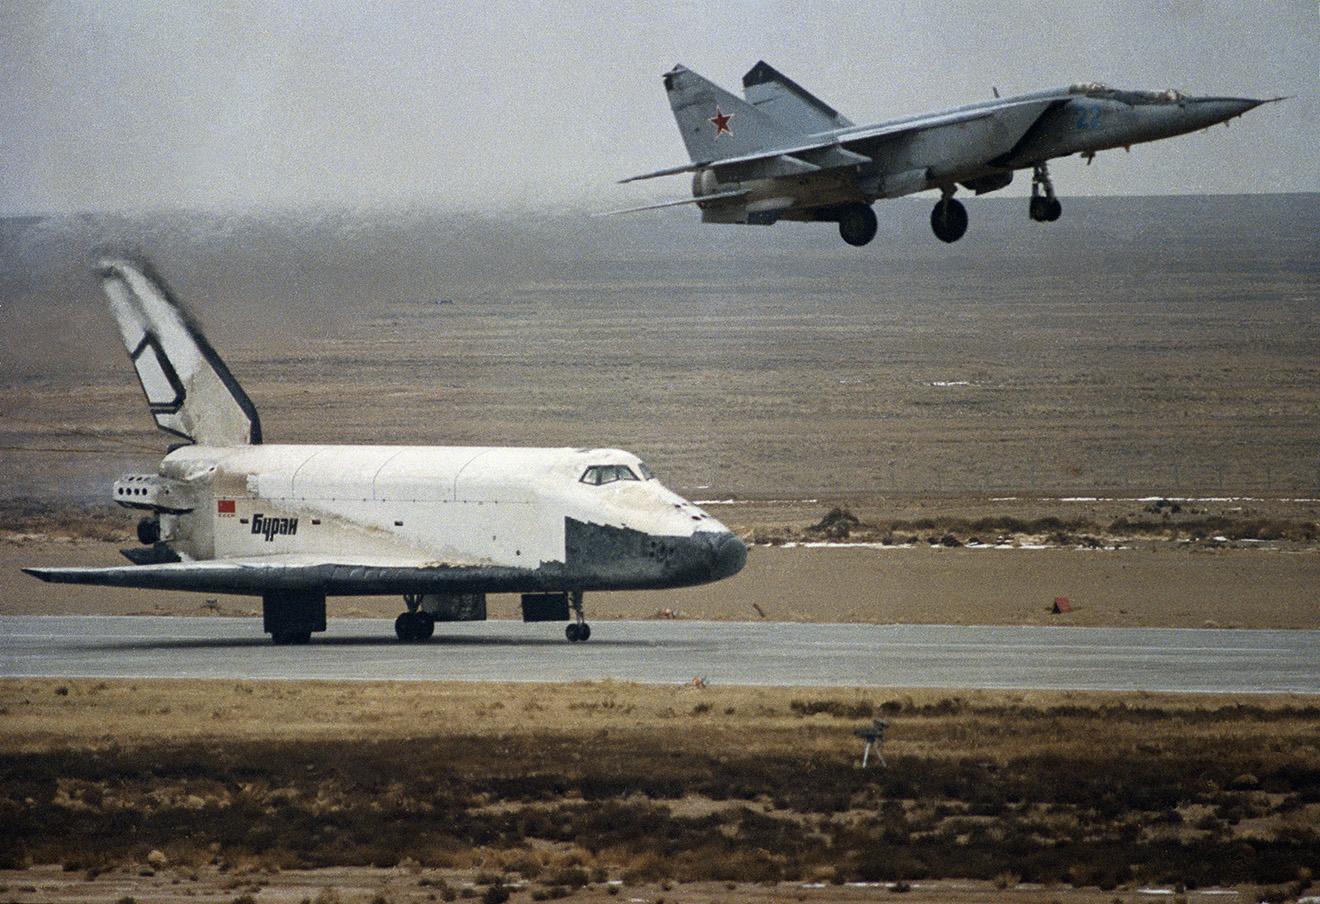 Посадка советского орбитального самолета «Буран», 1988 год.